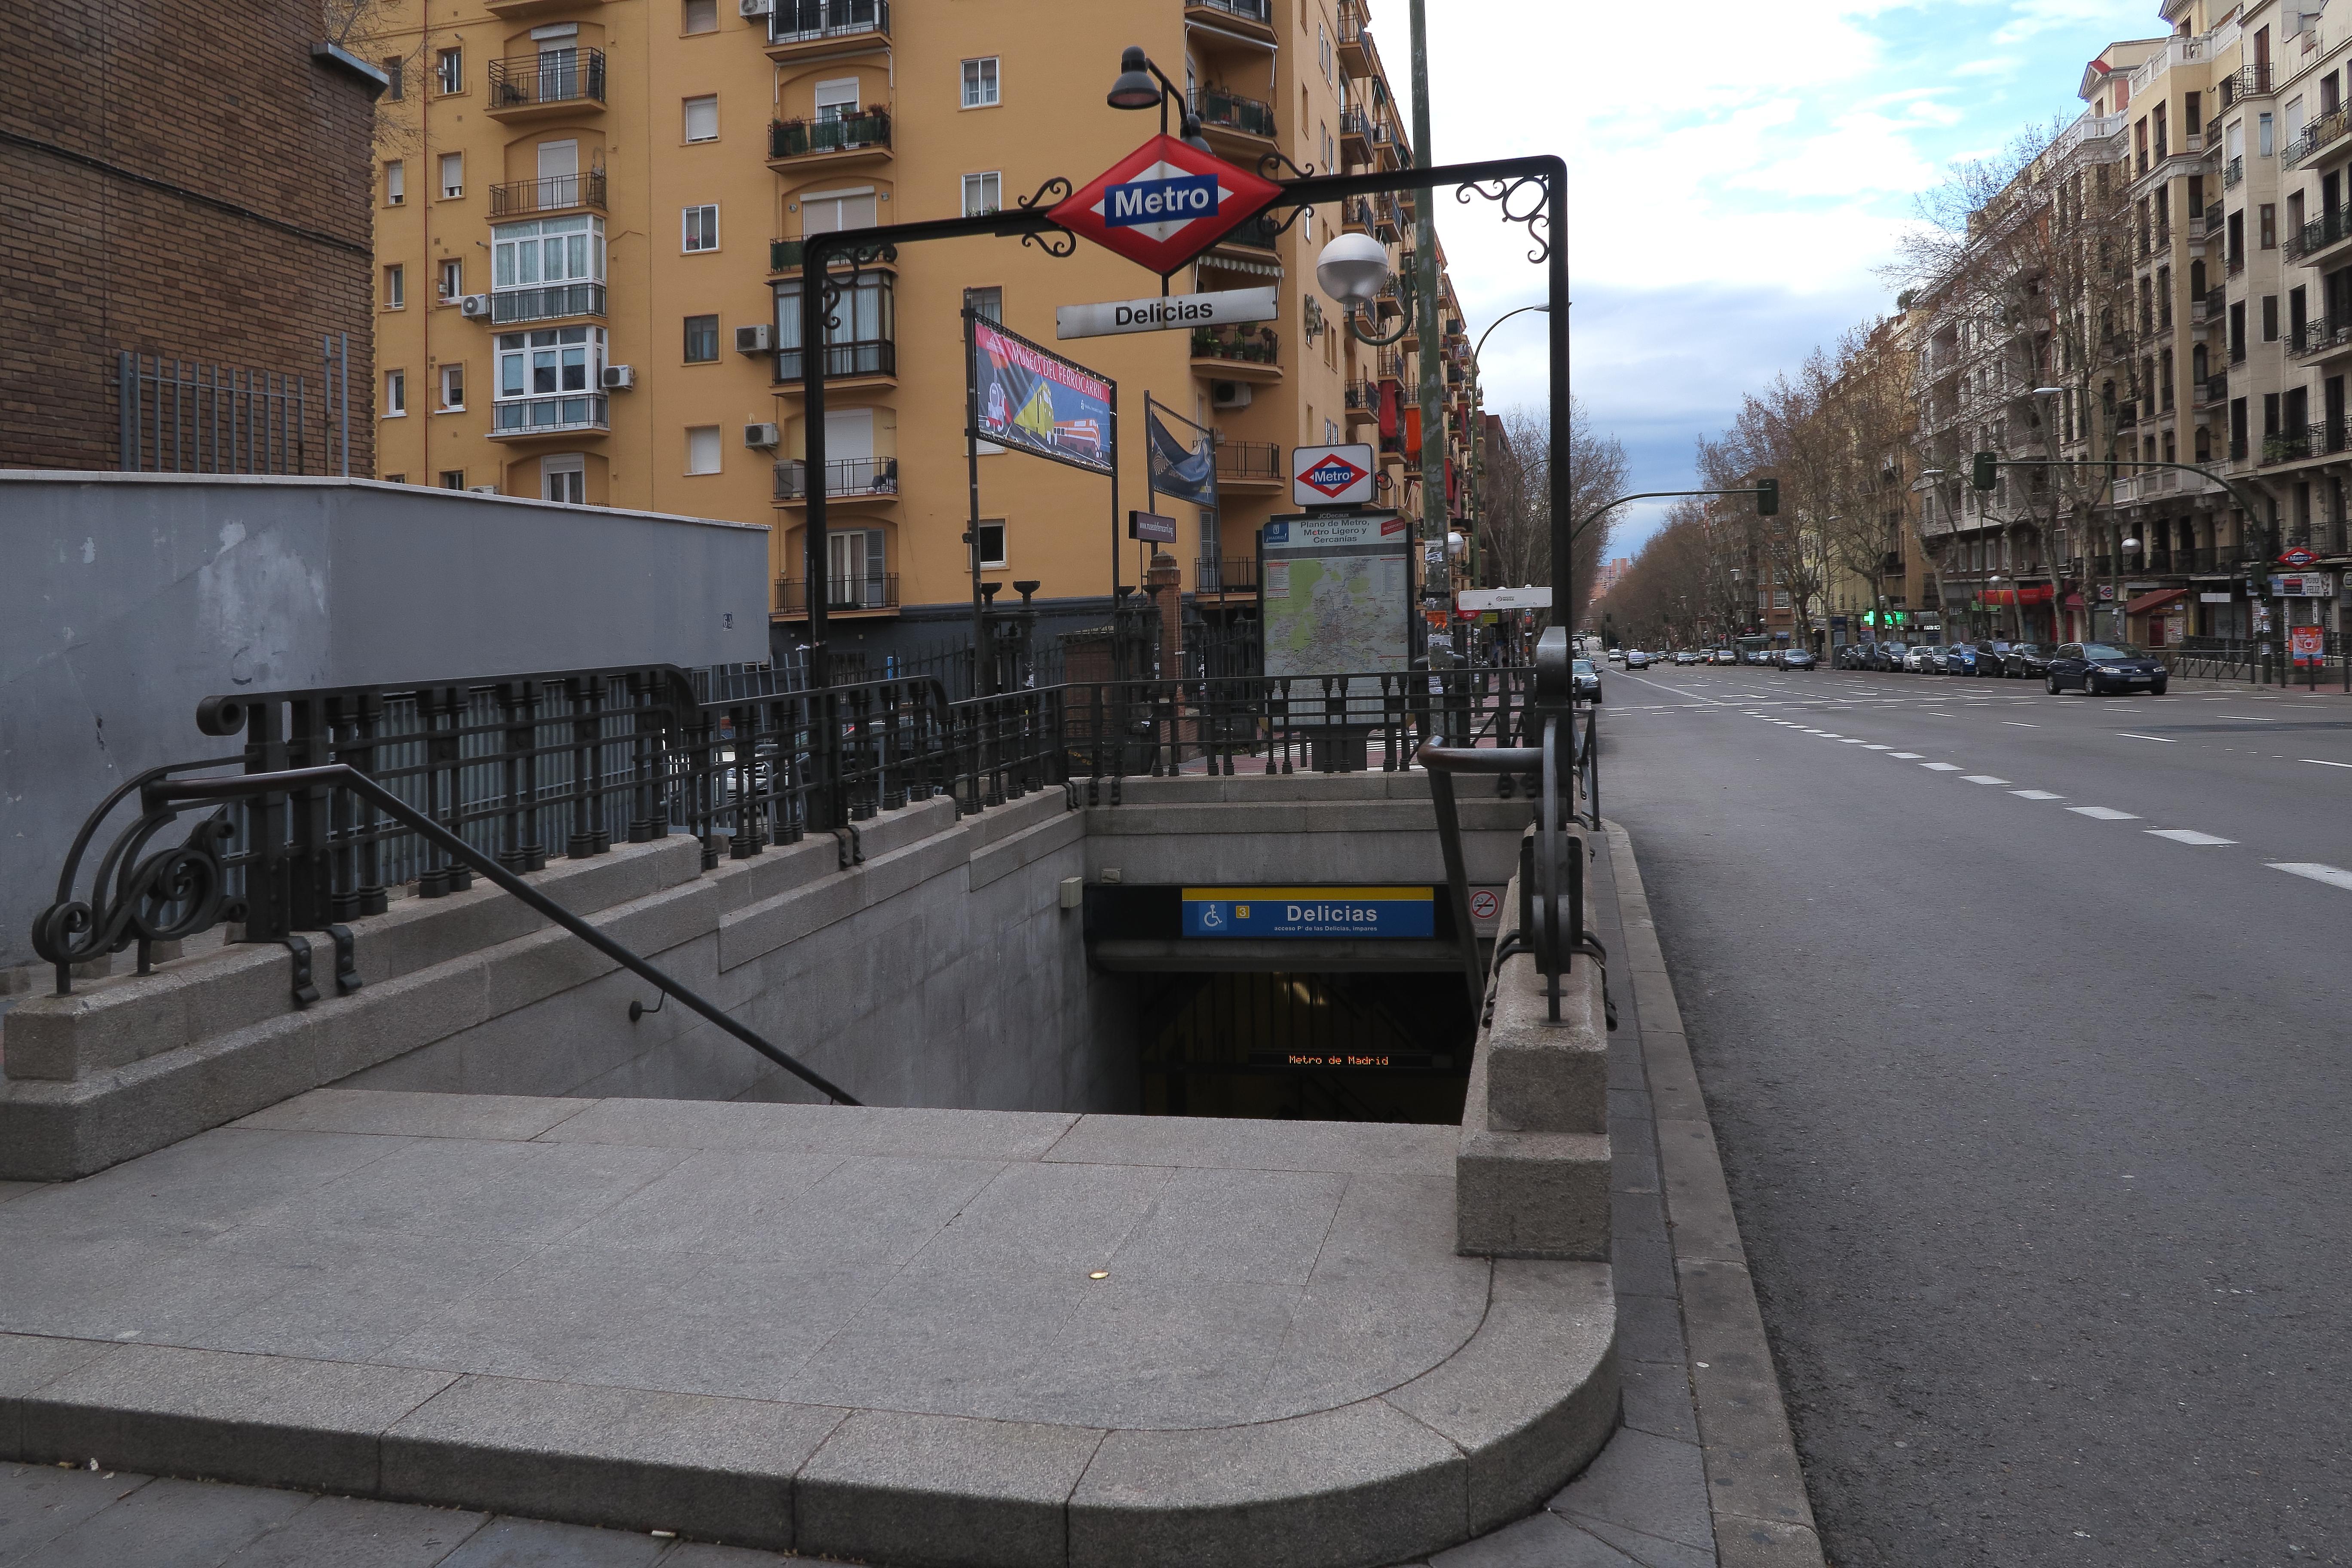 Estacion De Delicias Metro De Madrid Wikipedia La Enciclopedia